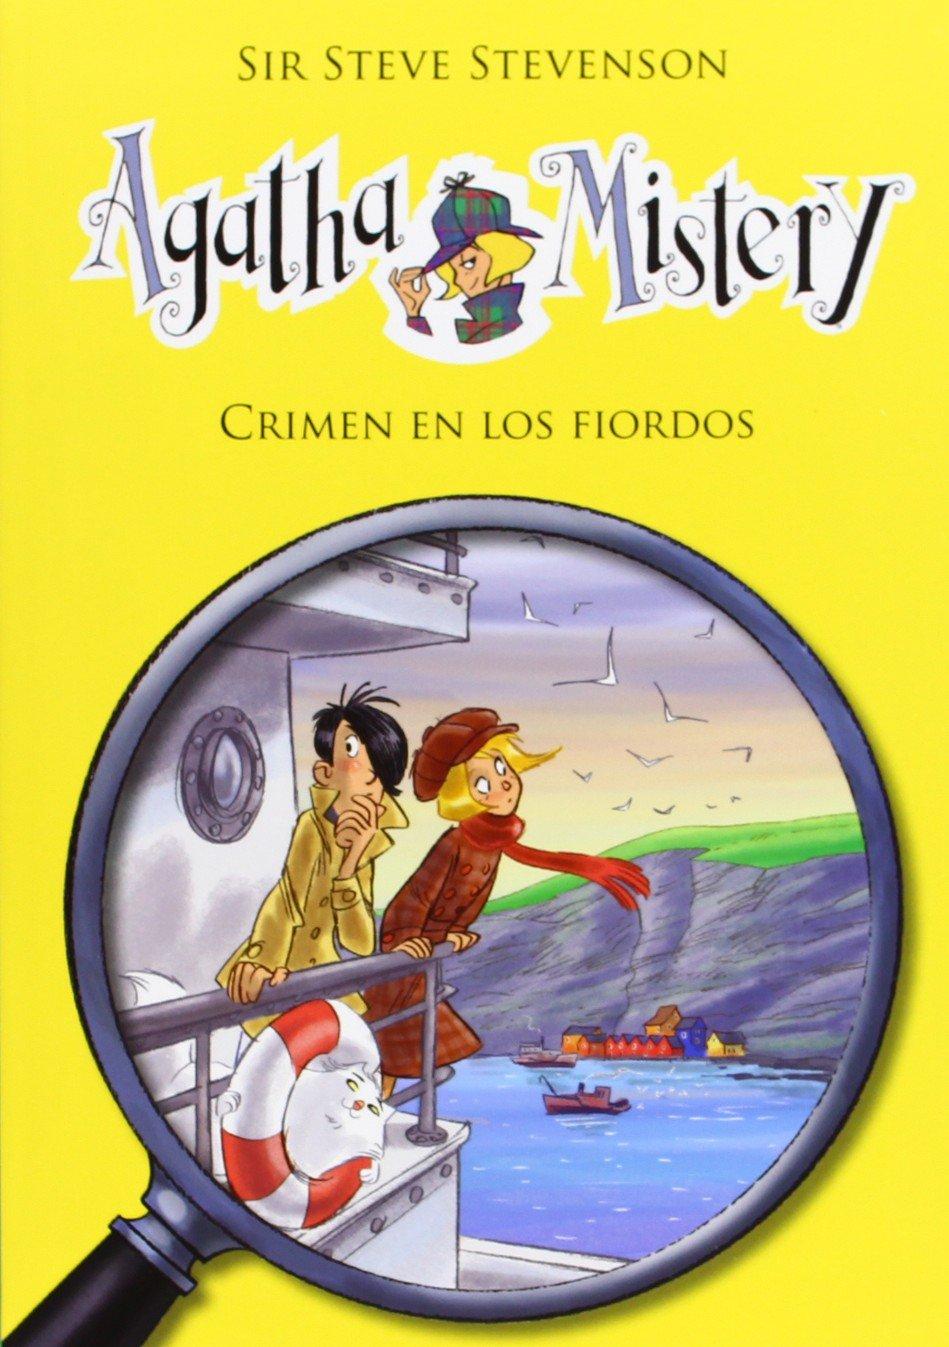 Agatha Mistery: Crimen en los fiordos # 10 (Spanish Edition) PDF